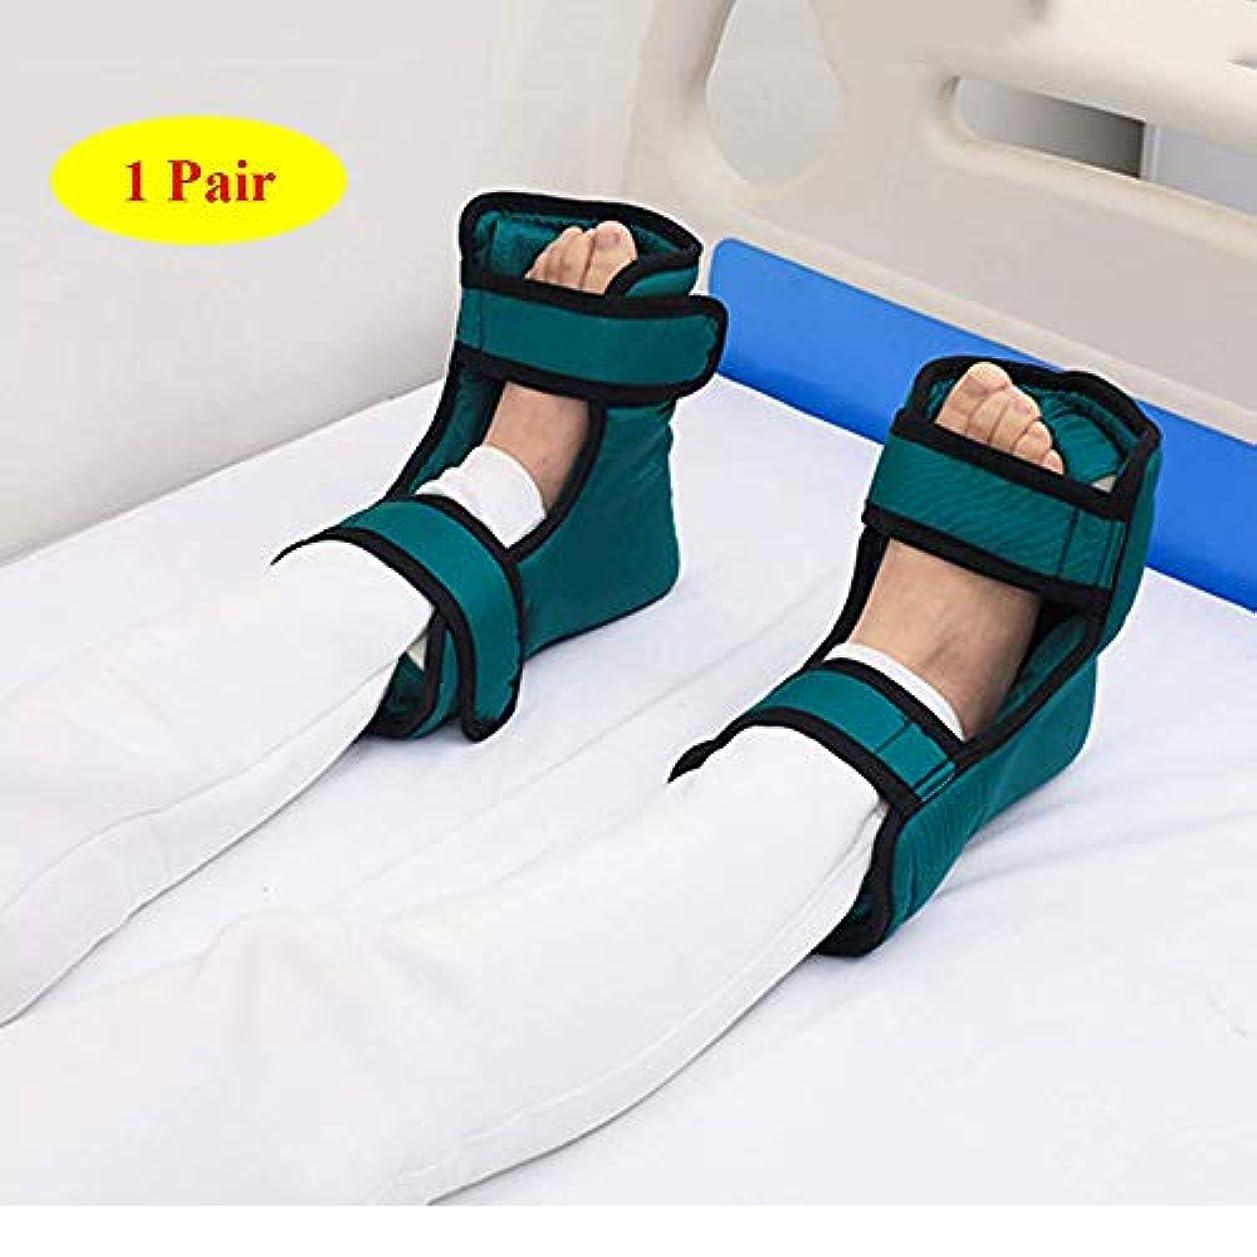 集中的な輝く取り出すヒールクッションプロテクターの1ペア - 足と足首の枕パッドは、保護ブーツ褥瘡や床ずれから足肘かかとを保護するヒール